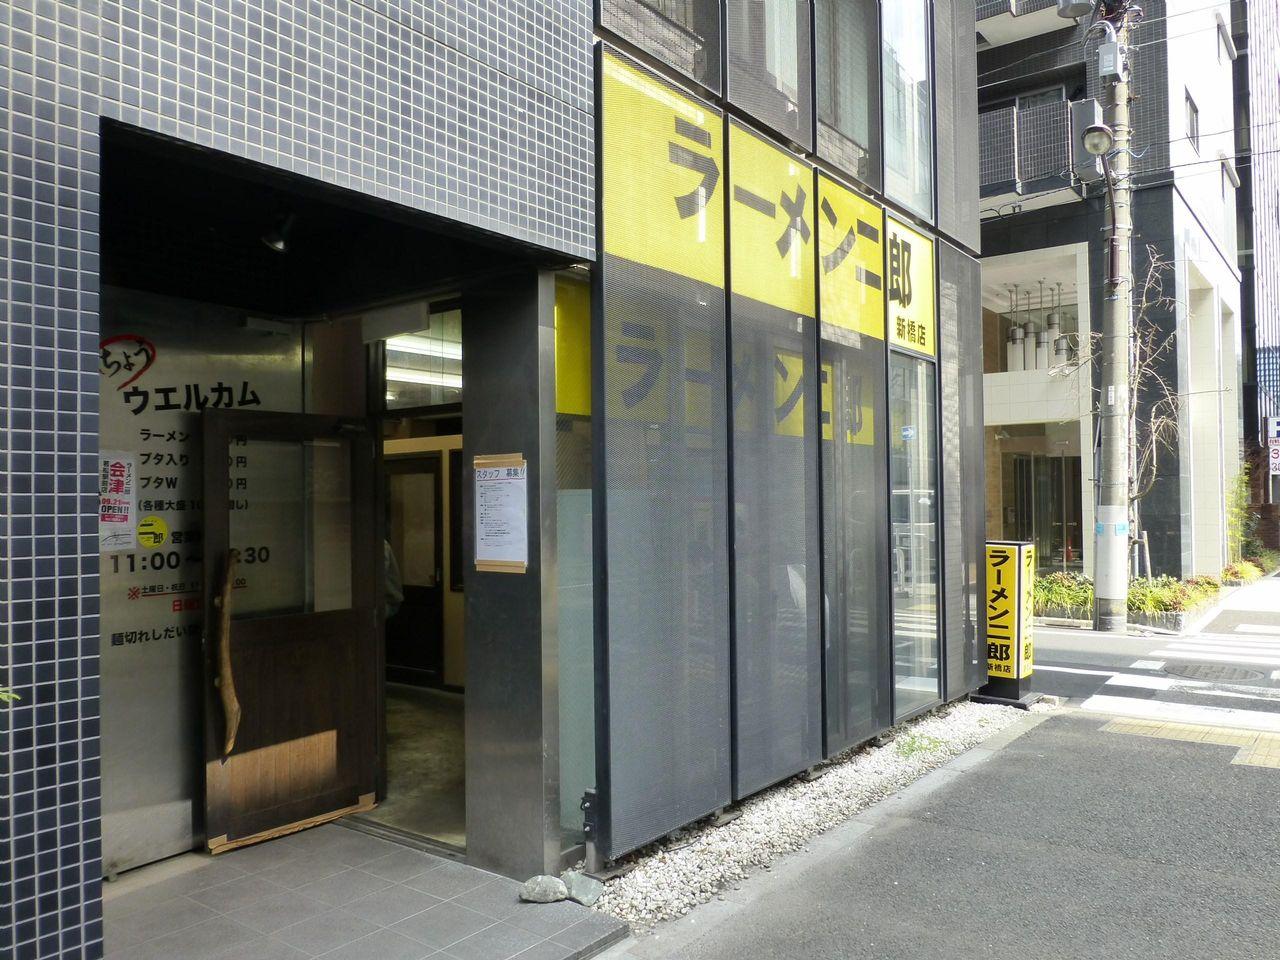 ラーメン二郎新橋店は、行列が少ない穴場的なお店です!